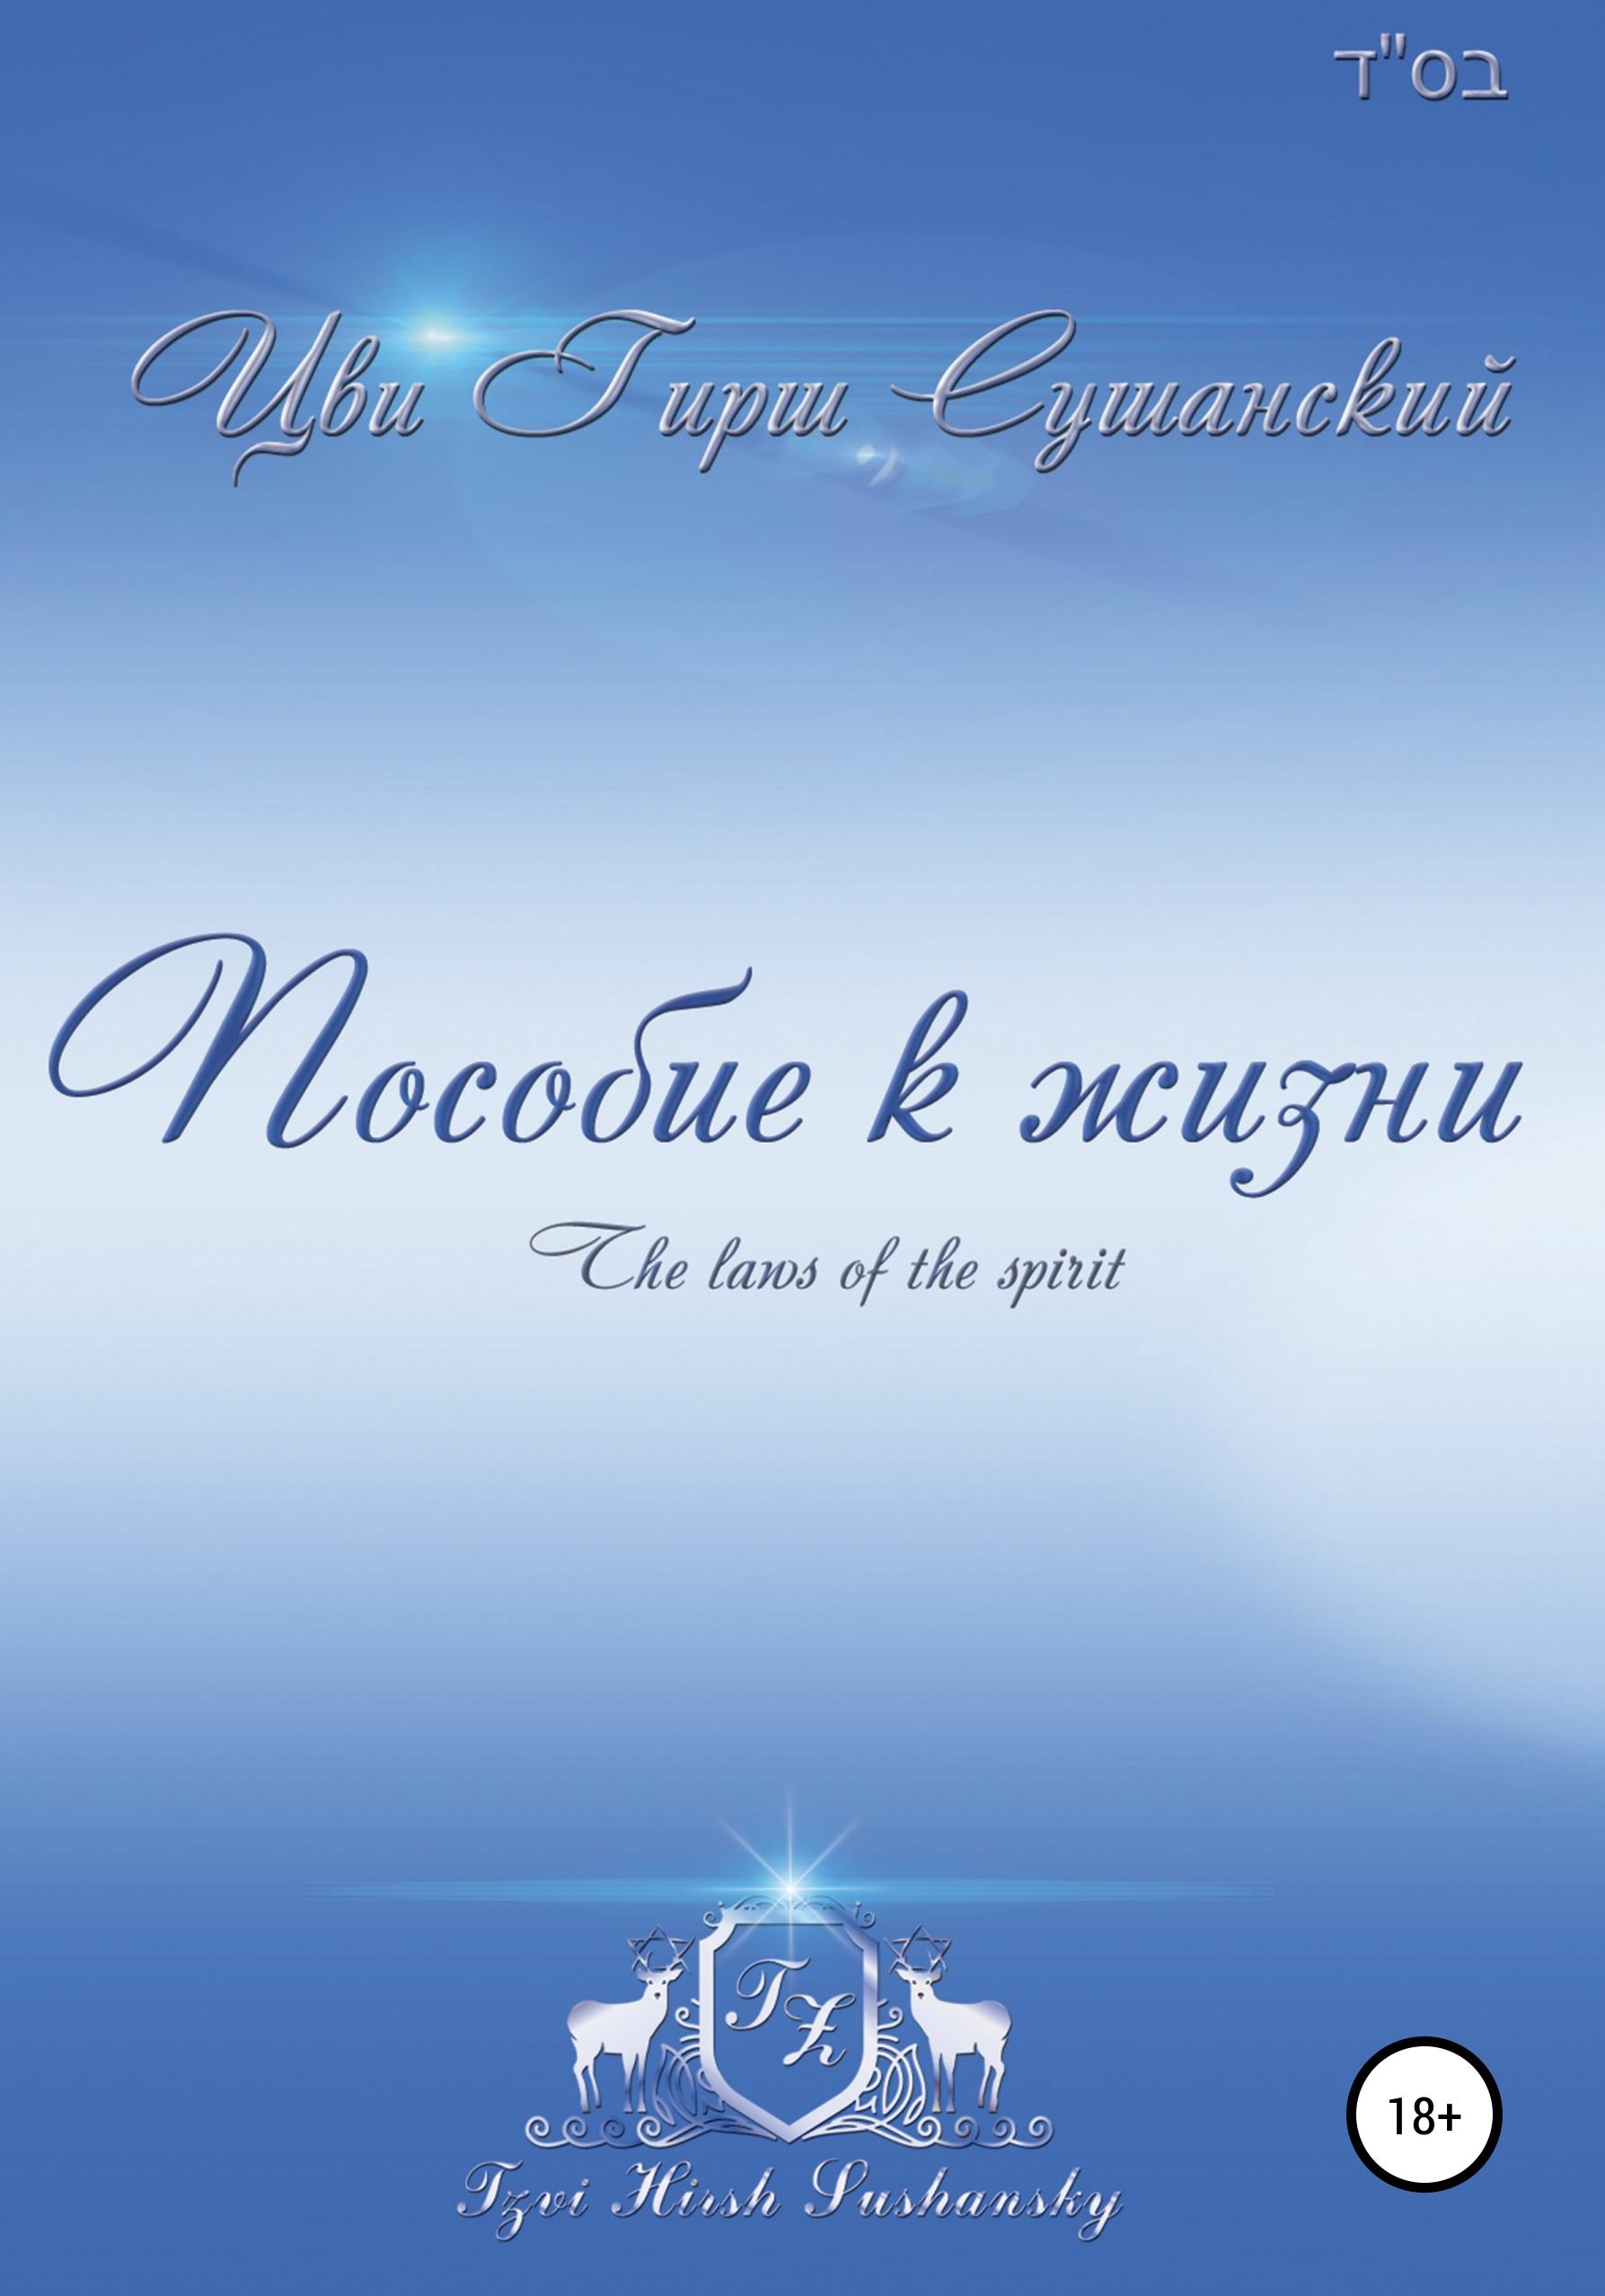 Купить книгу Пособие к жизни, автора Цви Гирша Сушанского